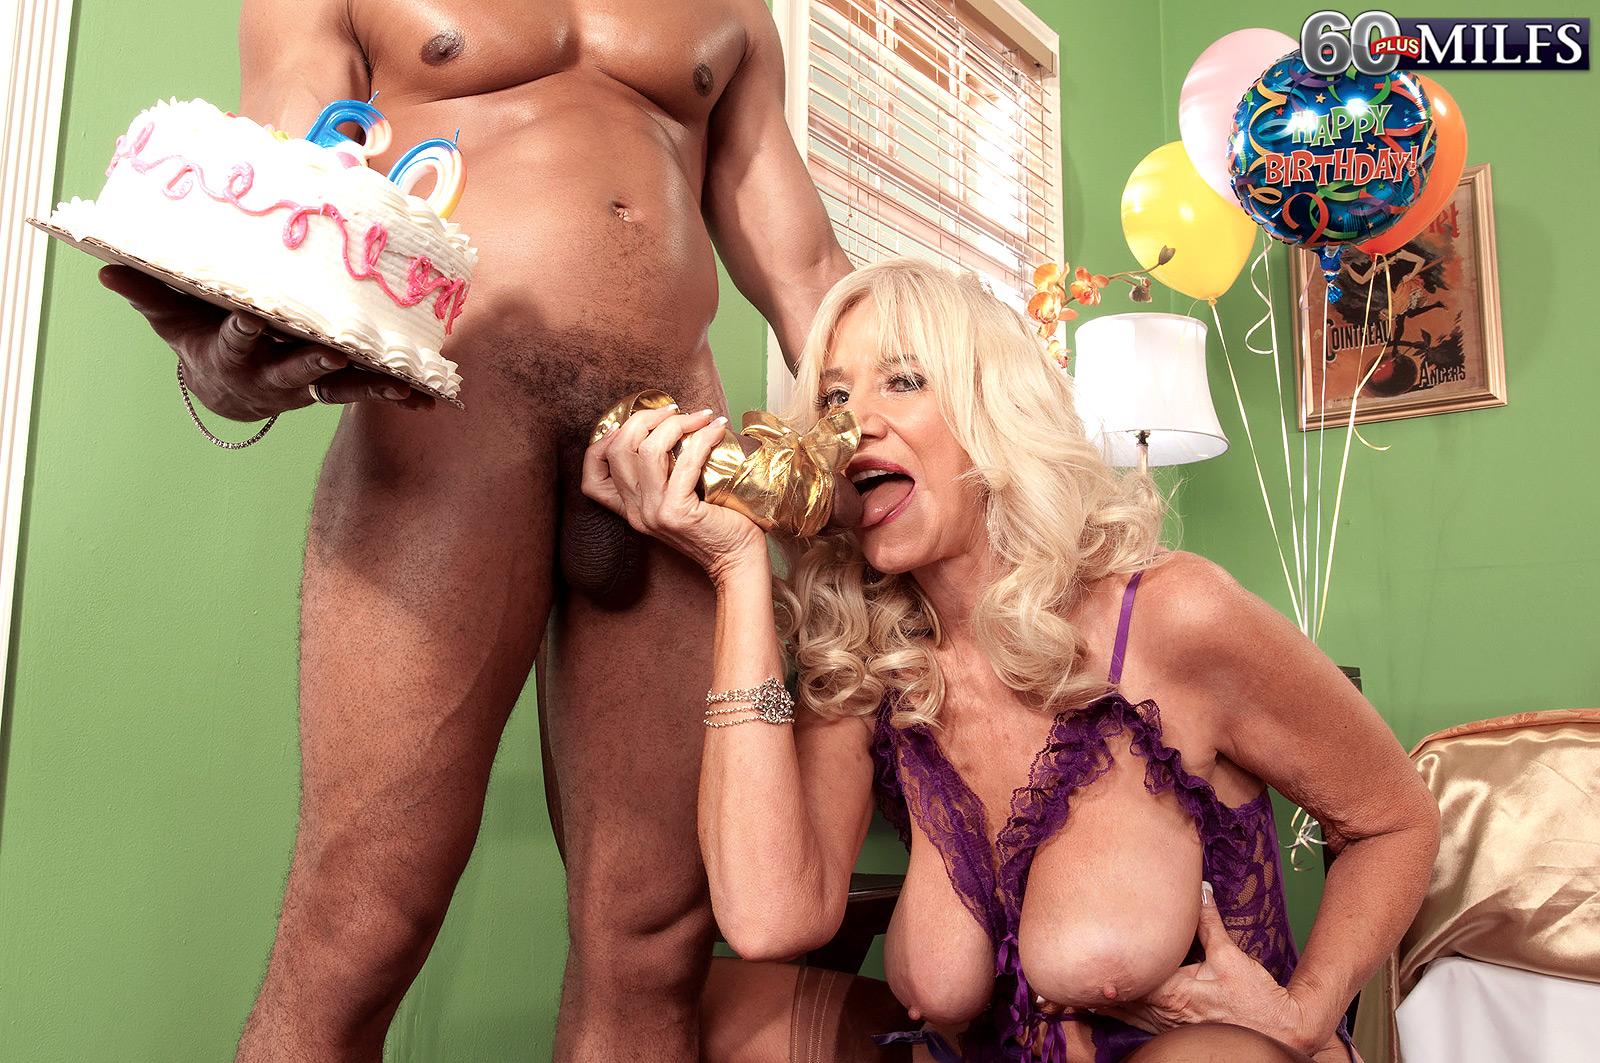 Порево сюрприз на день рождения, порно онлайн екатерина и ее дикие